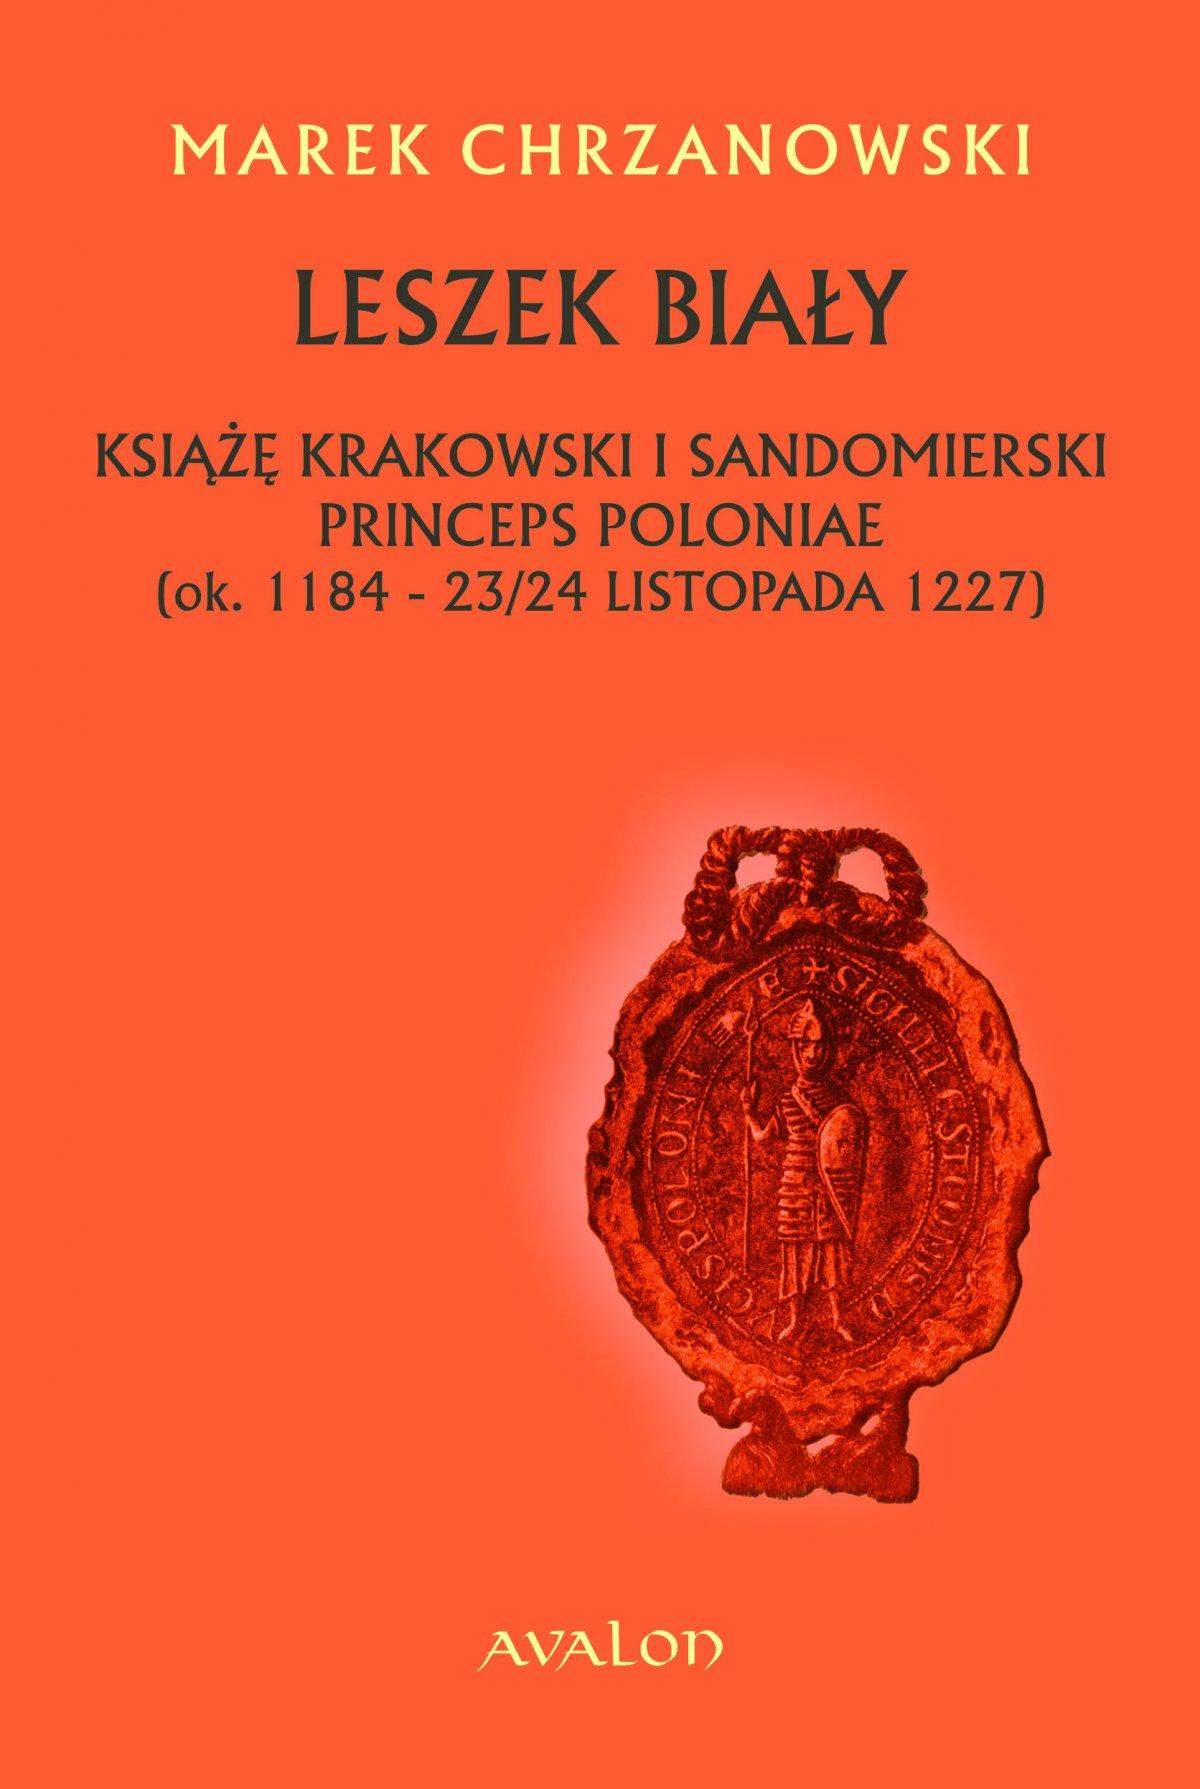 Leszek Biały. Książę krakowski i sandomierski, princeps Poloniae (ok. 1184 - 23/24 listopada 1227) - Ebook (Książka PDF) do pobrania w formacie PDF